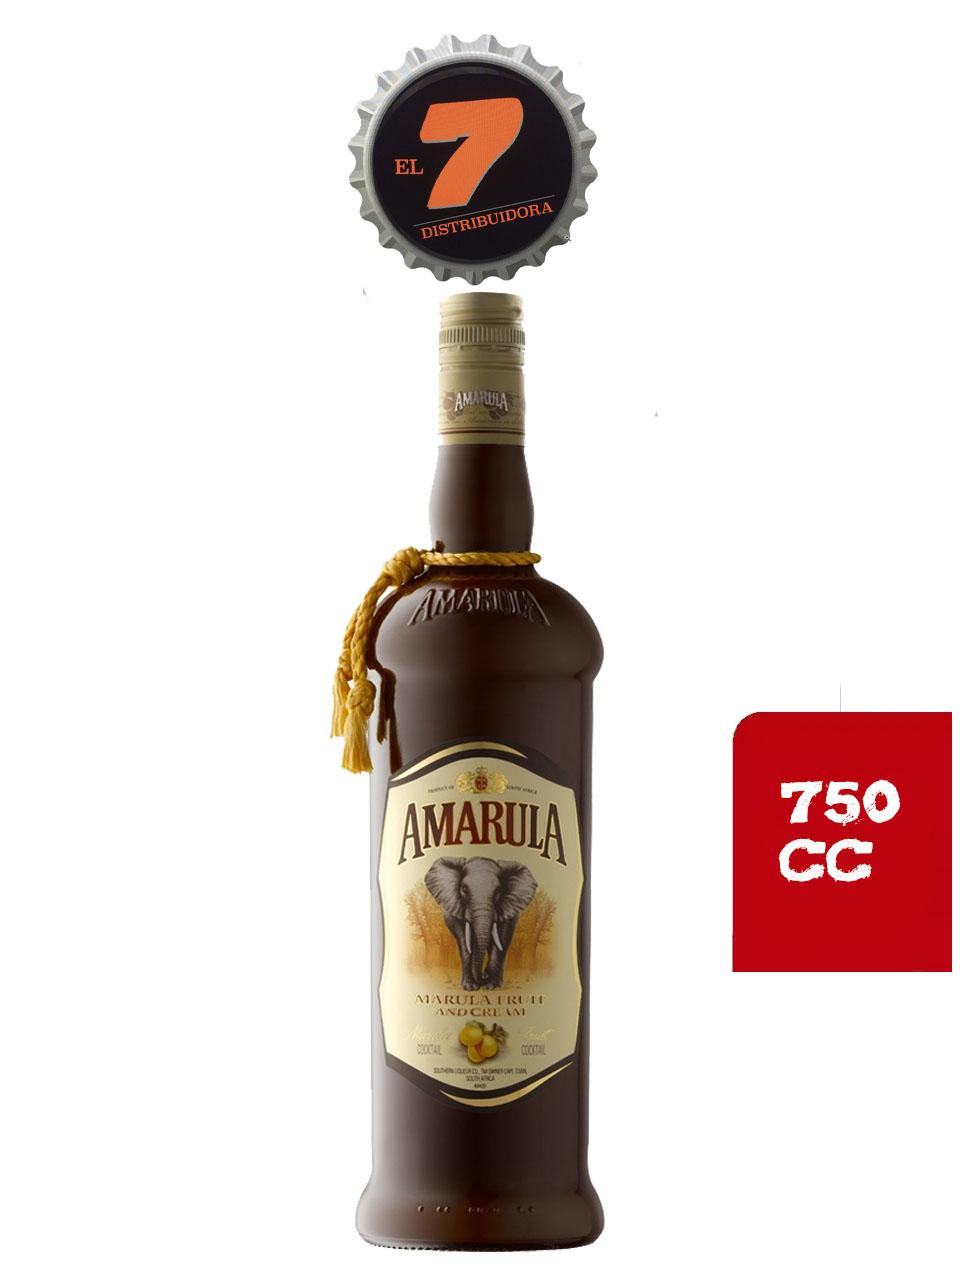 Amarula 750 CC